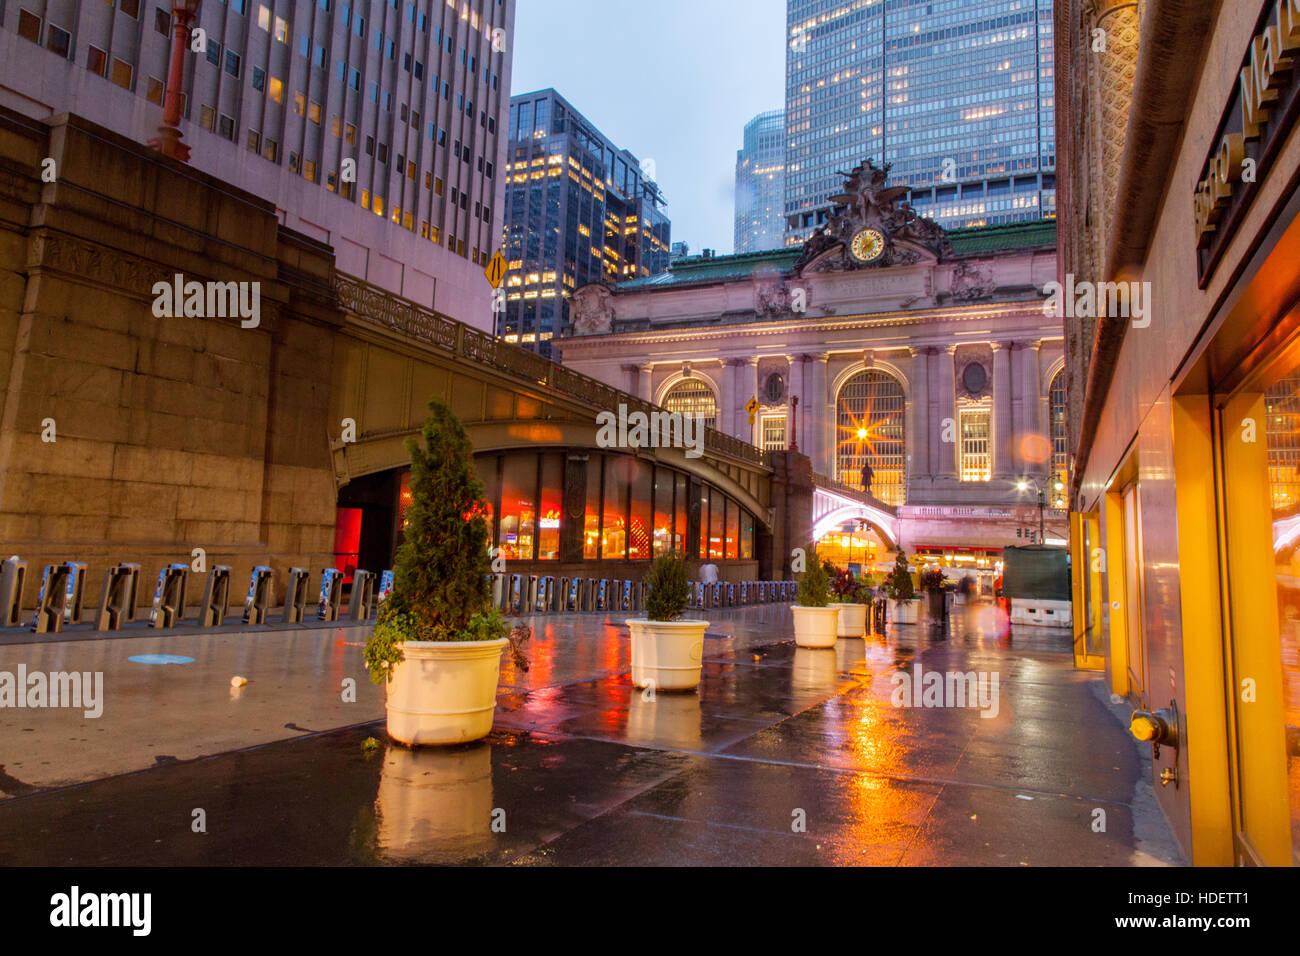 La estación Grand Central exterior 42nd Street, Manhattan, Ciudad de Nueva York, Estados Unidos de América. Imagen De Stock